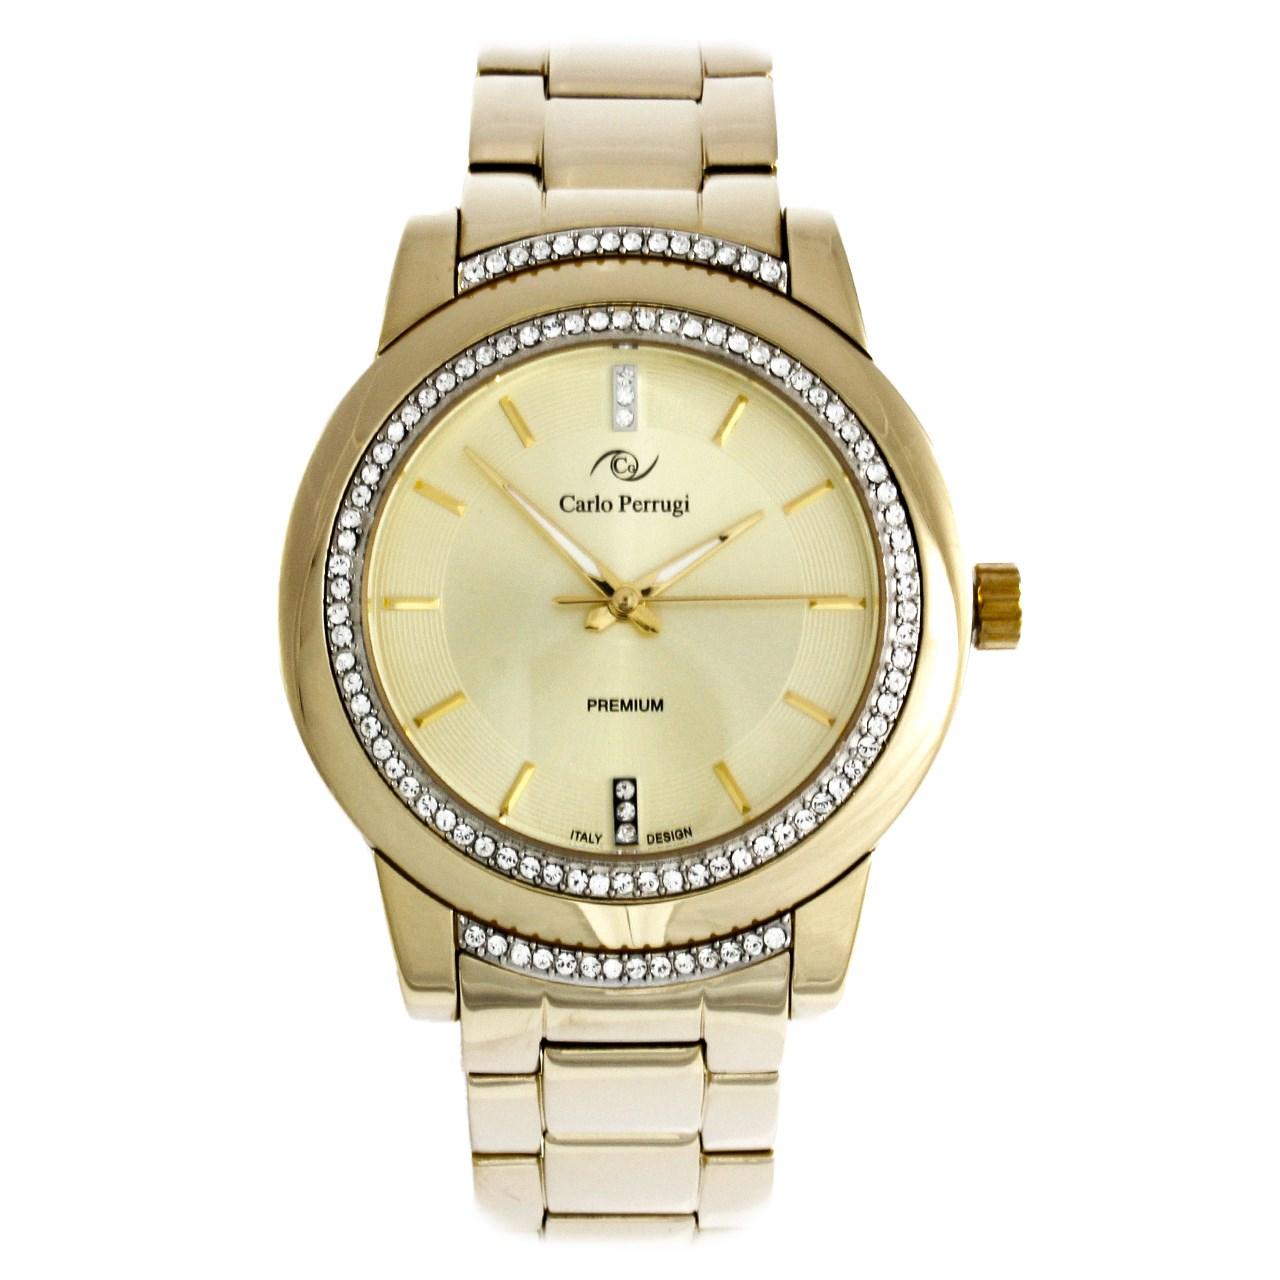 خرید ساعت مچی عقربه ای زنانه کارلو پروجی مدل SL2019-2